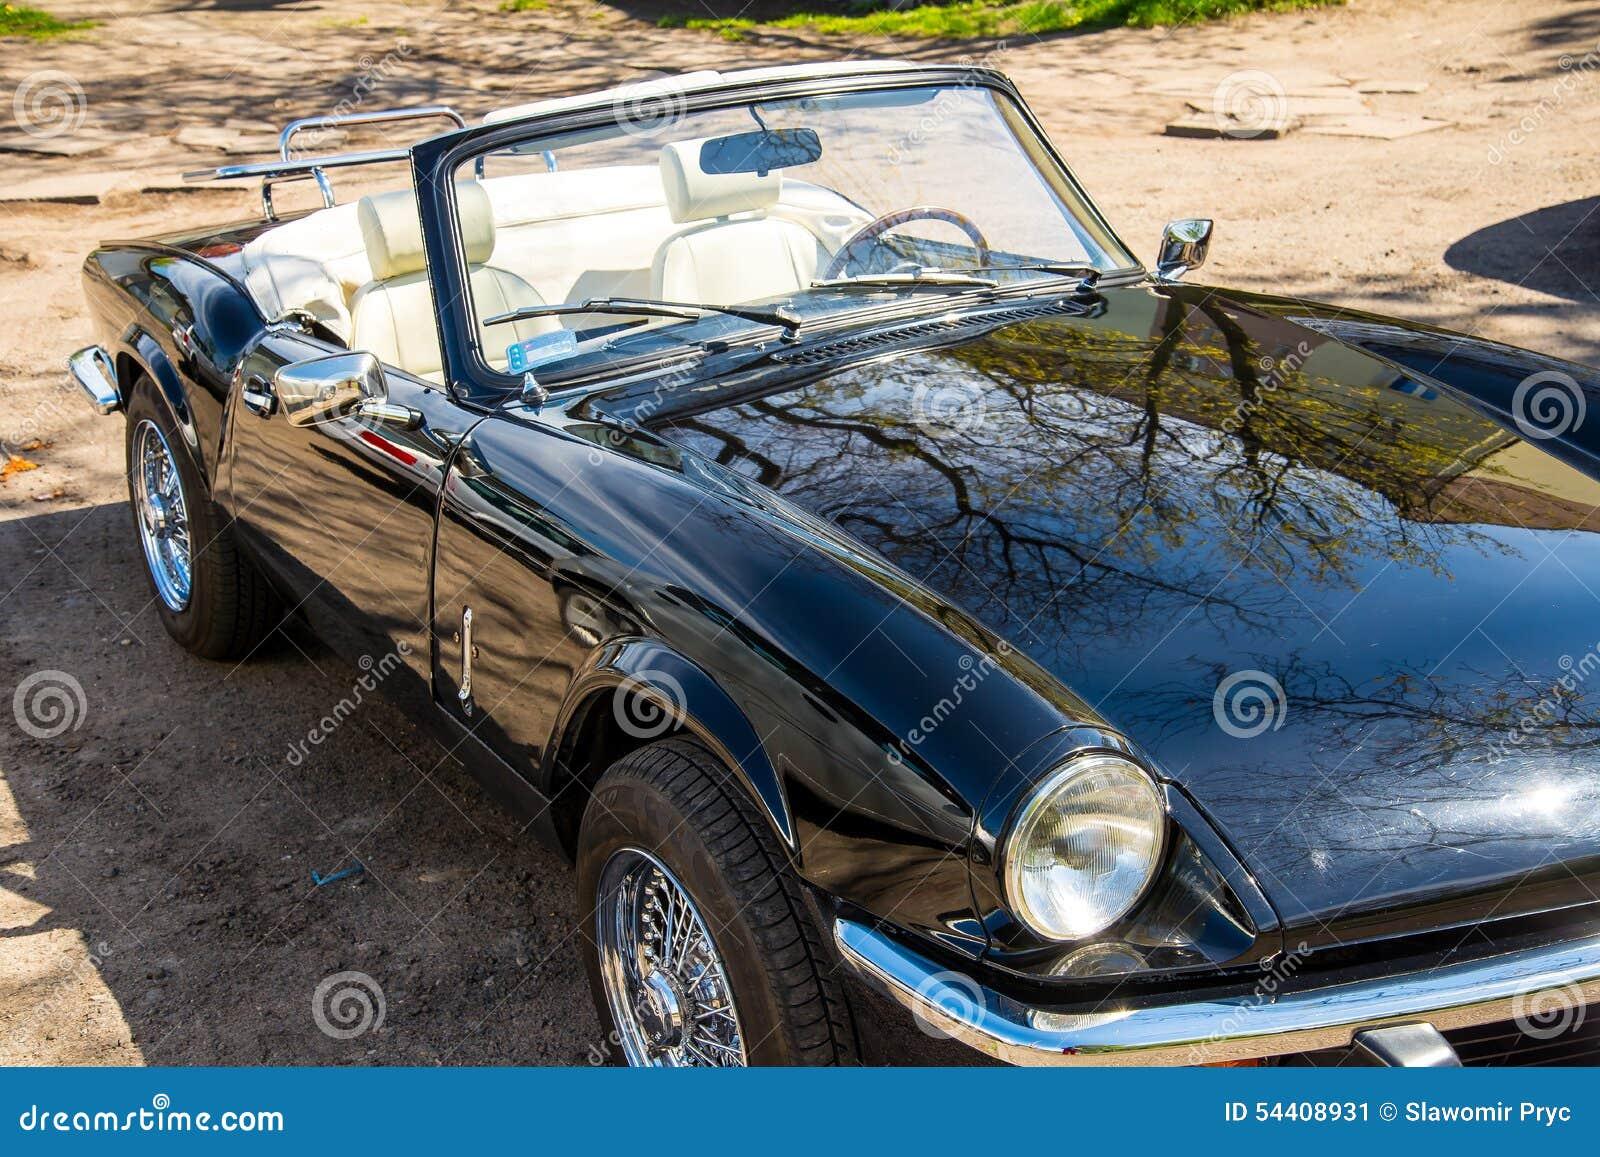 old car stock image image of door motor hand keywords 54408931. Black Bedroom Furniture Sets. Home Design Ideas